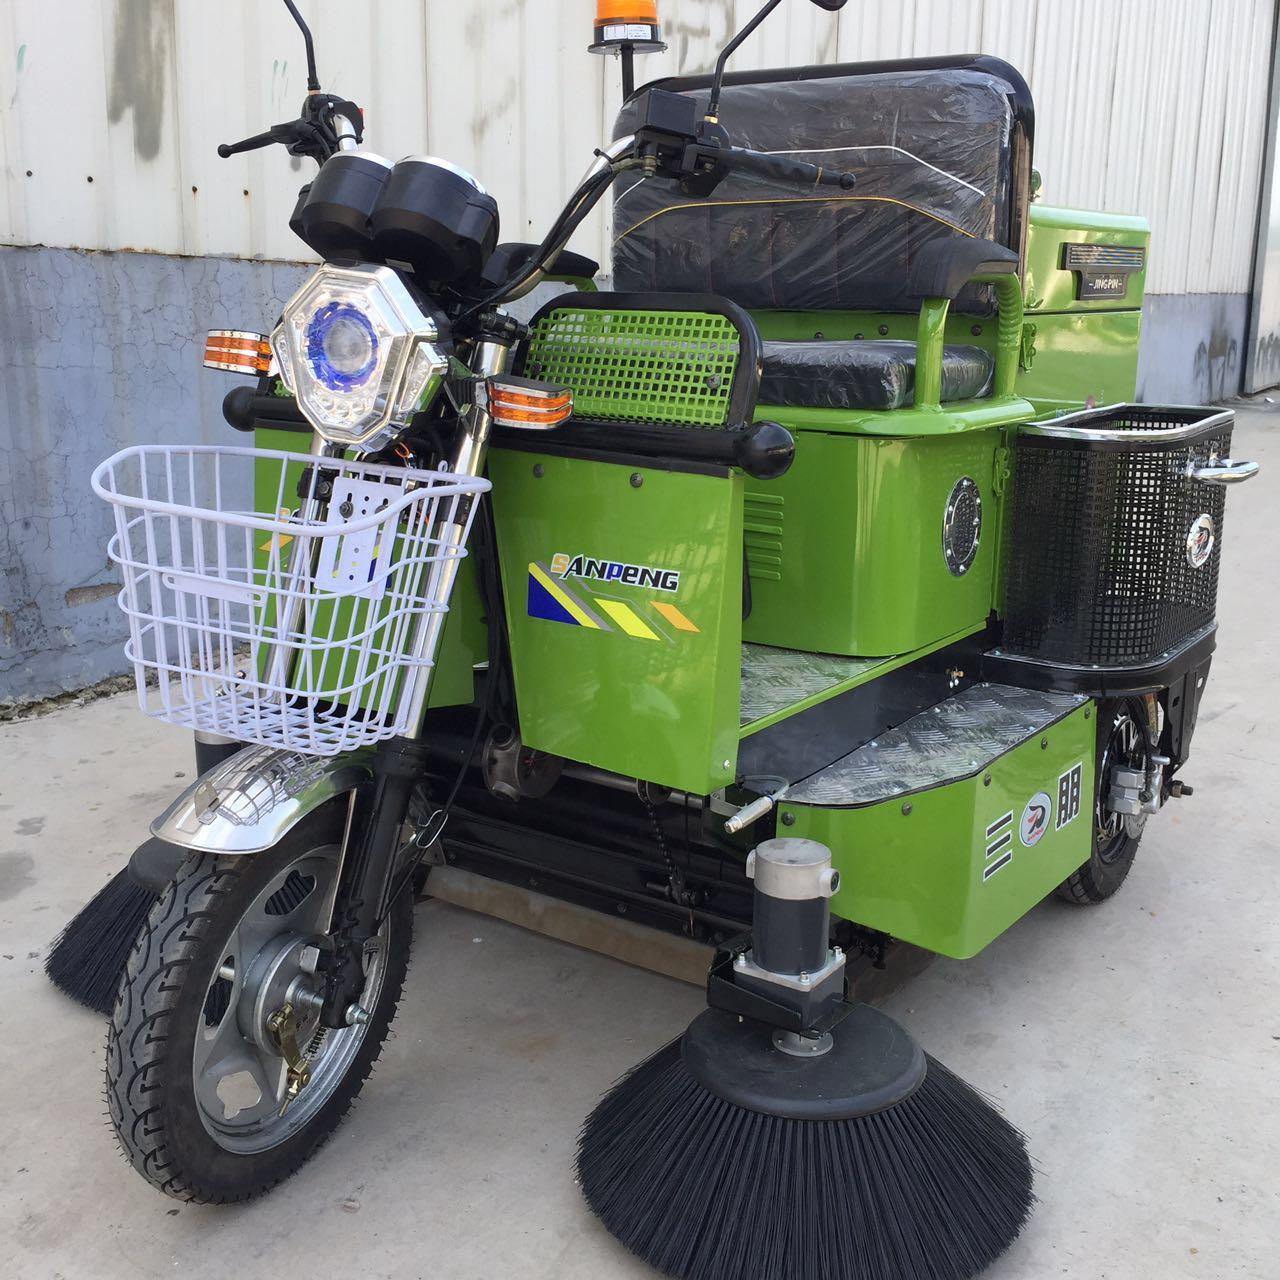 柳宝三轮电瓶式滚刷扫地车   驾驶式扫吸结合扫地车